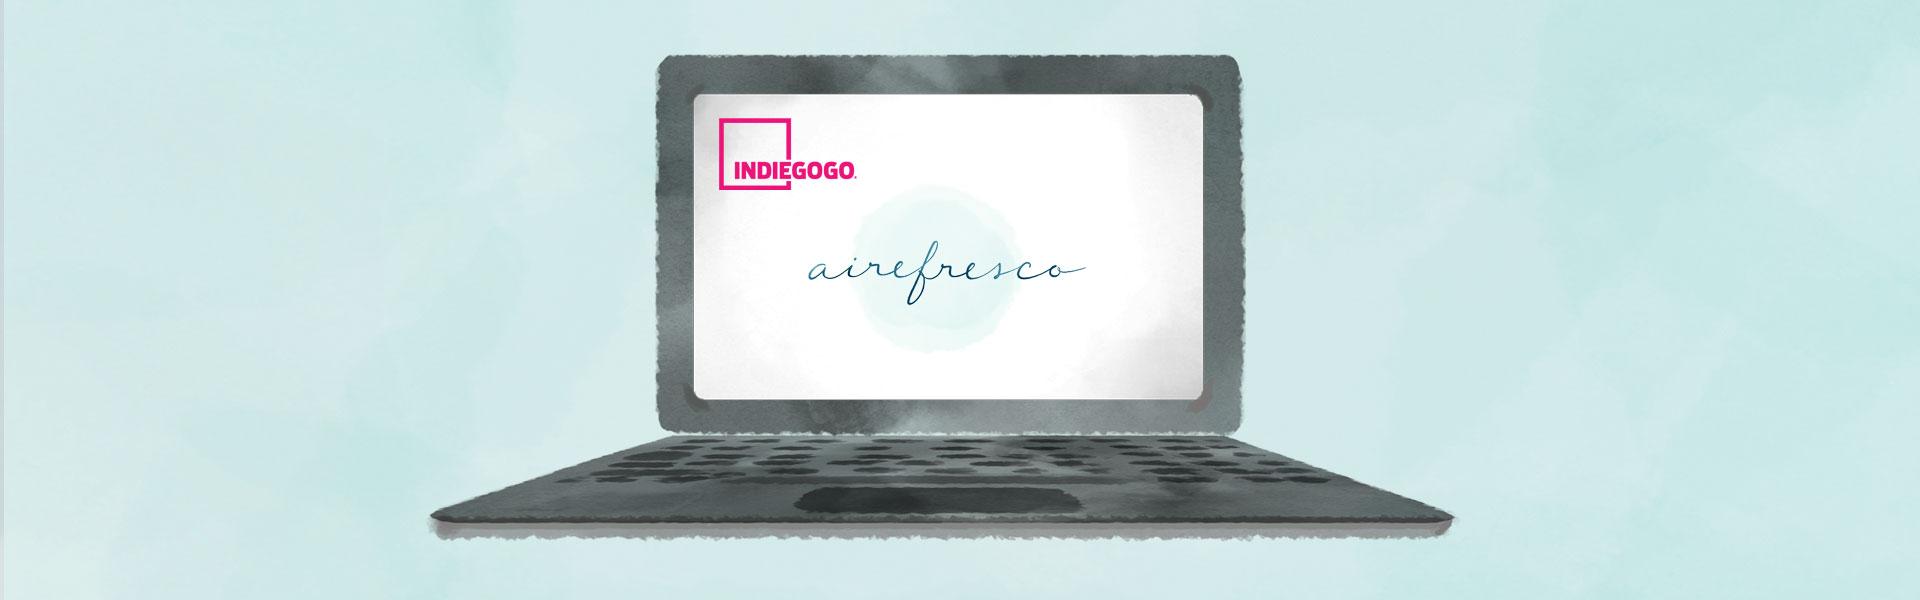 Aire Fresco Meditación y Mindfulness App Prelanzamiento Indiegogo Crowdfunding